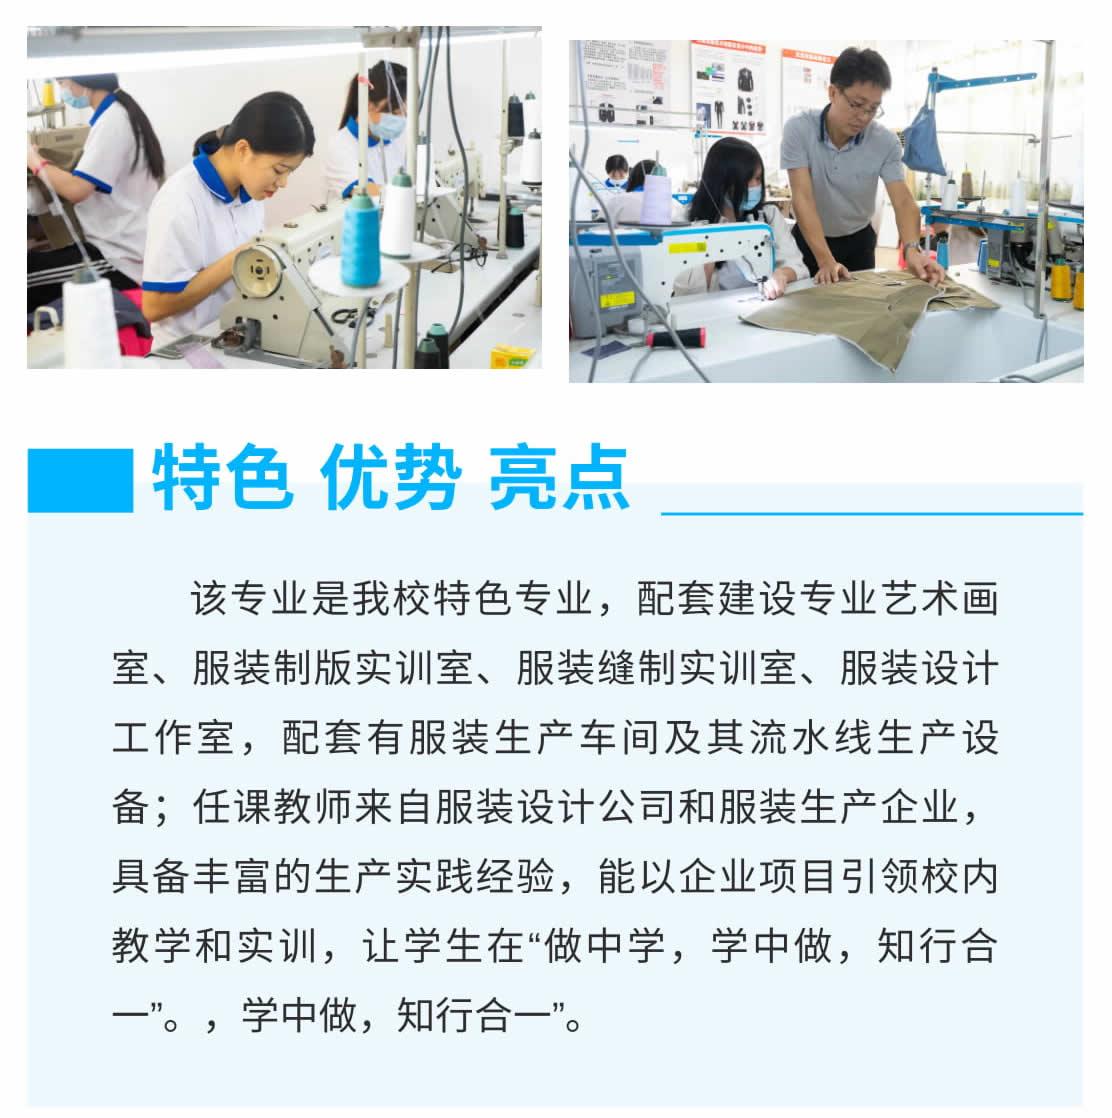 服装设计与制作(初中起点三年制)-1_r4_c1.jpg